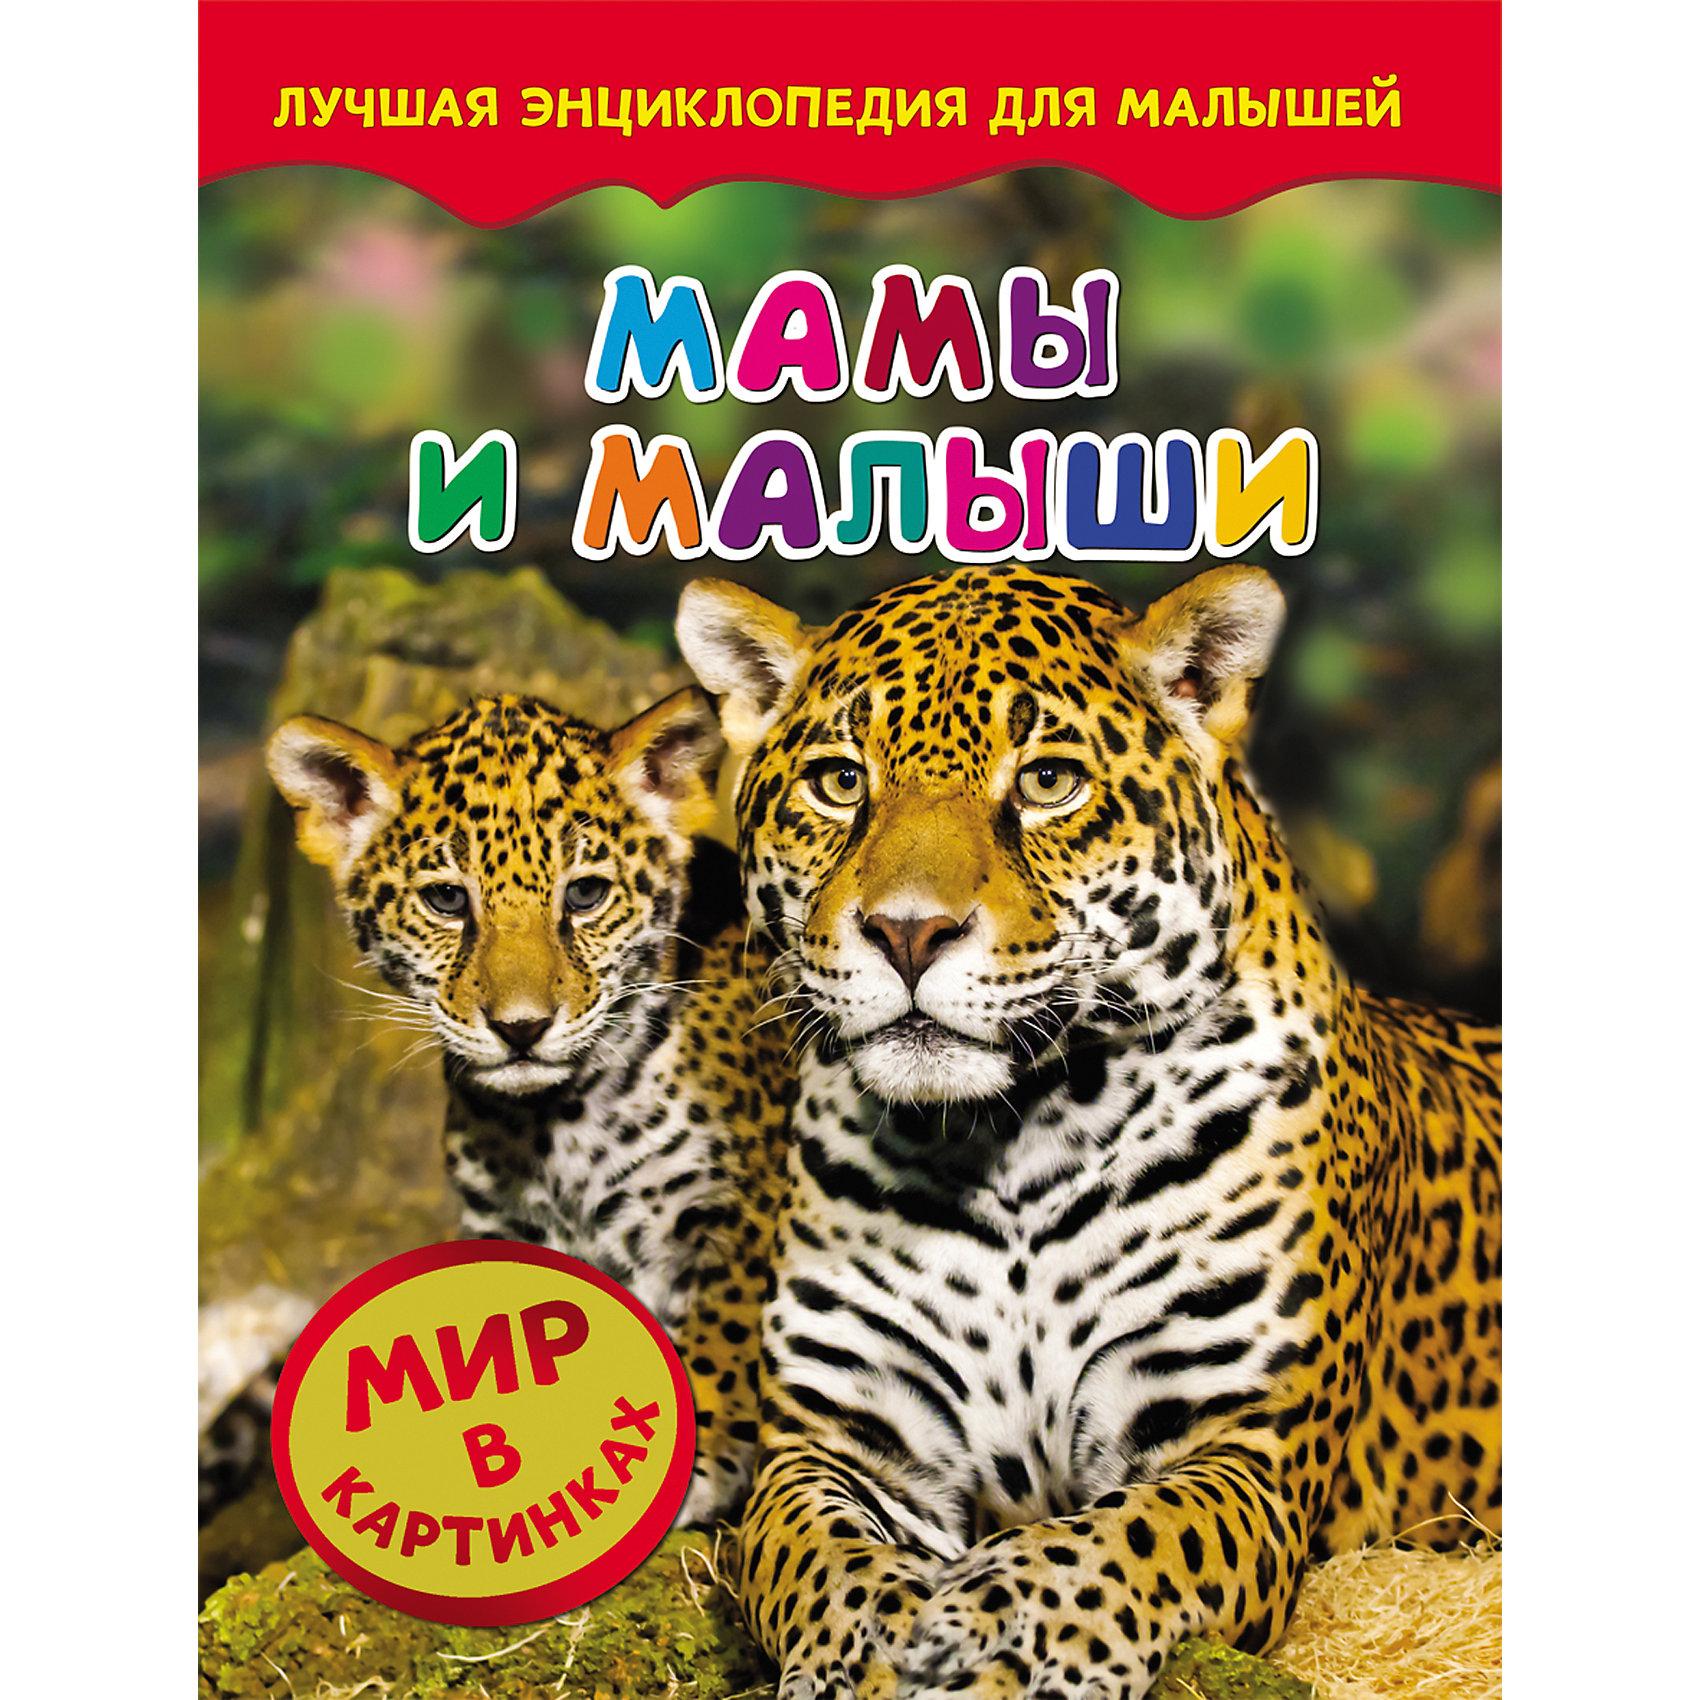 Мамы и малыши, Мир в картинках